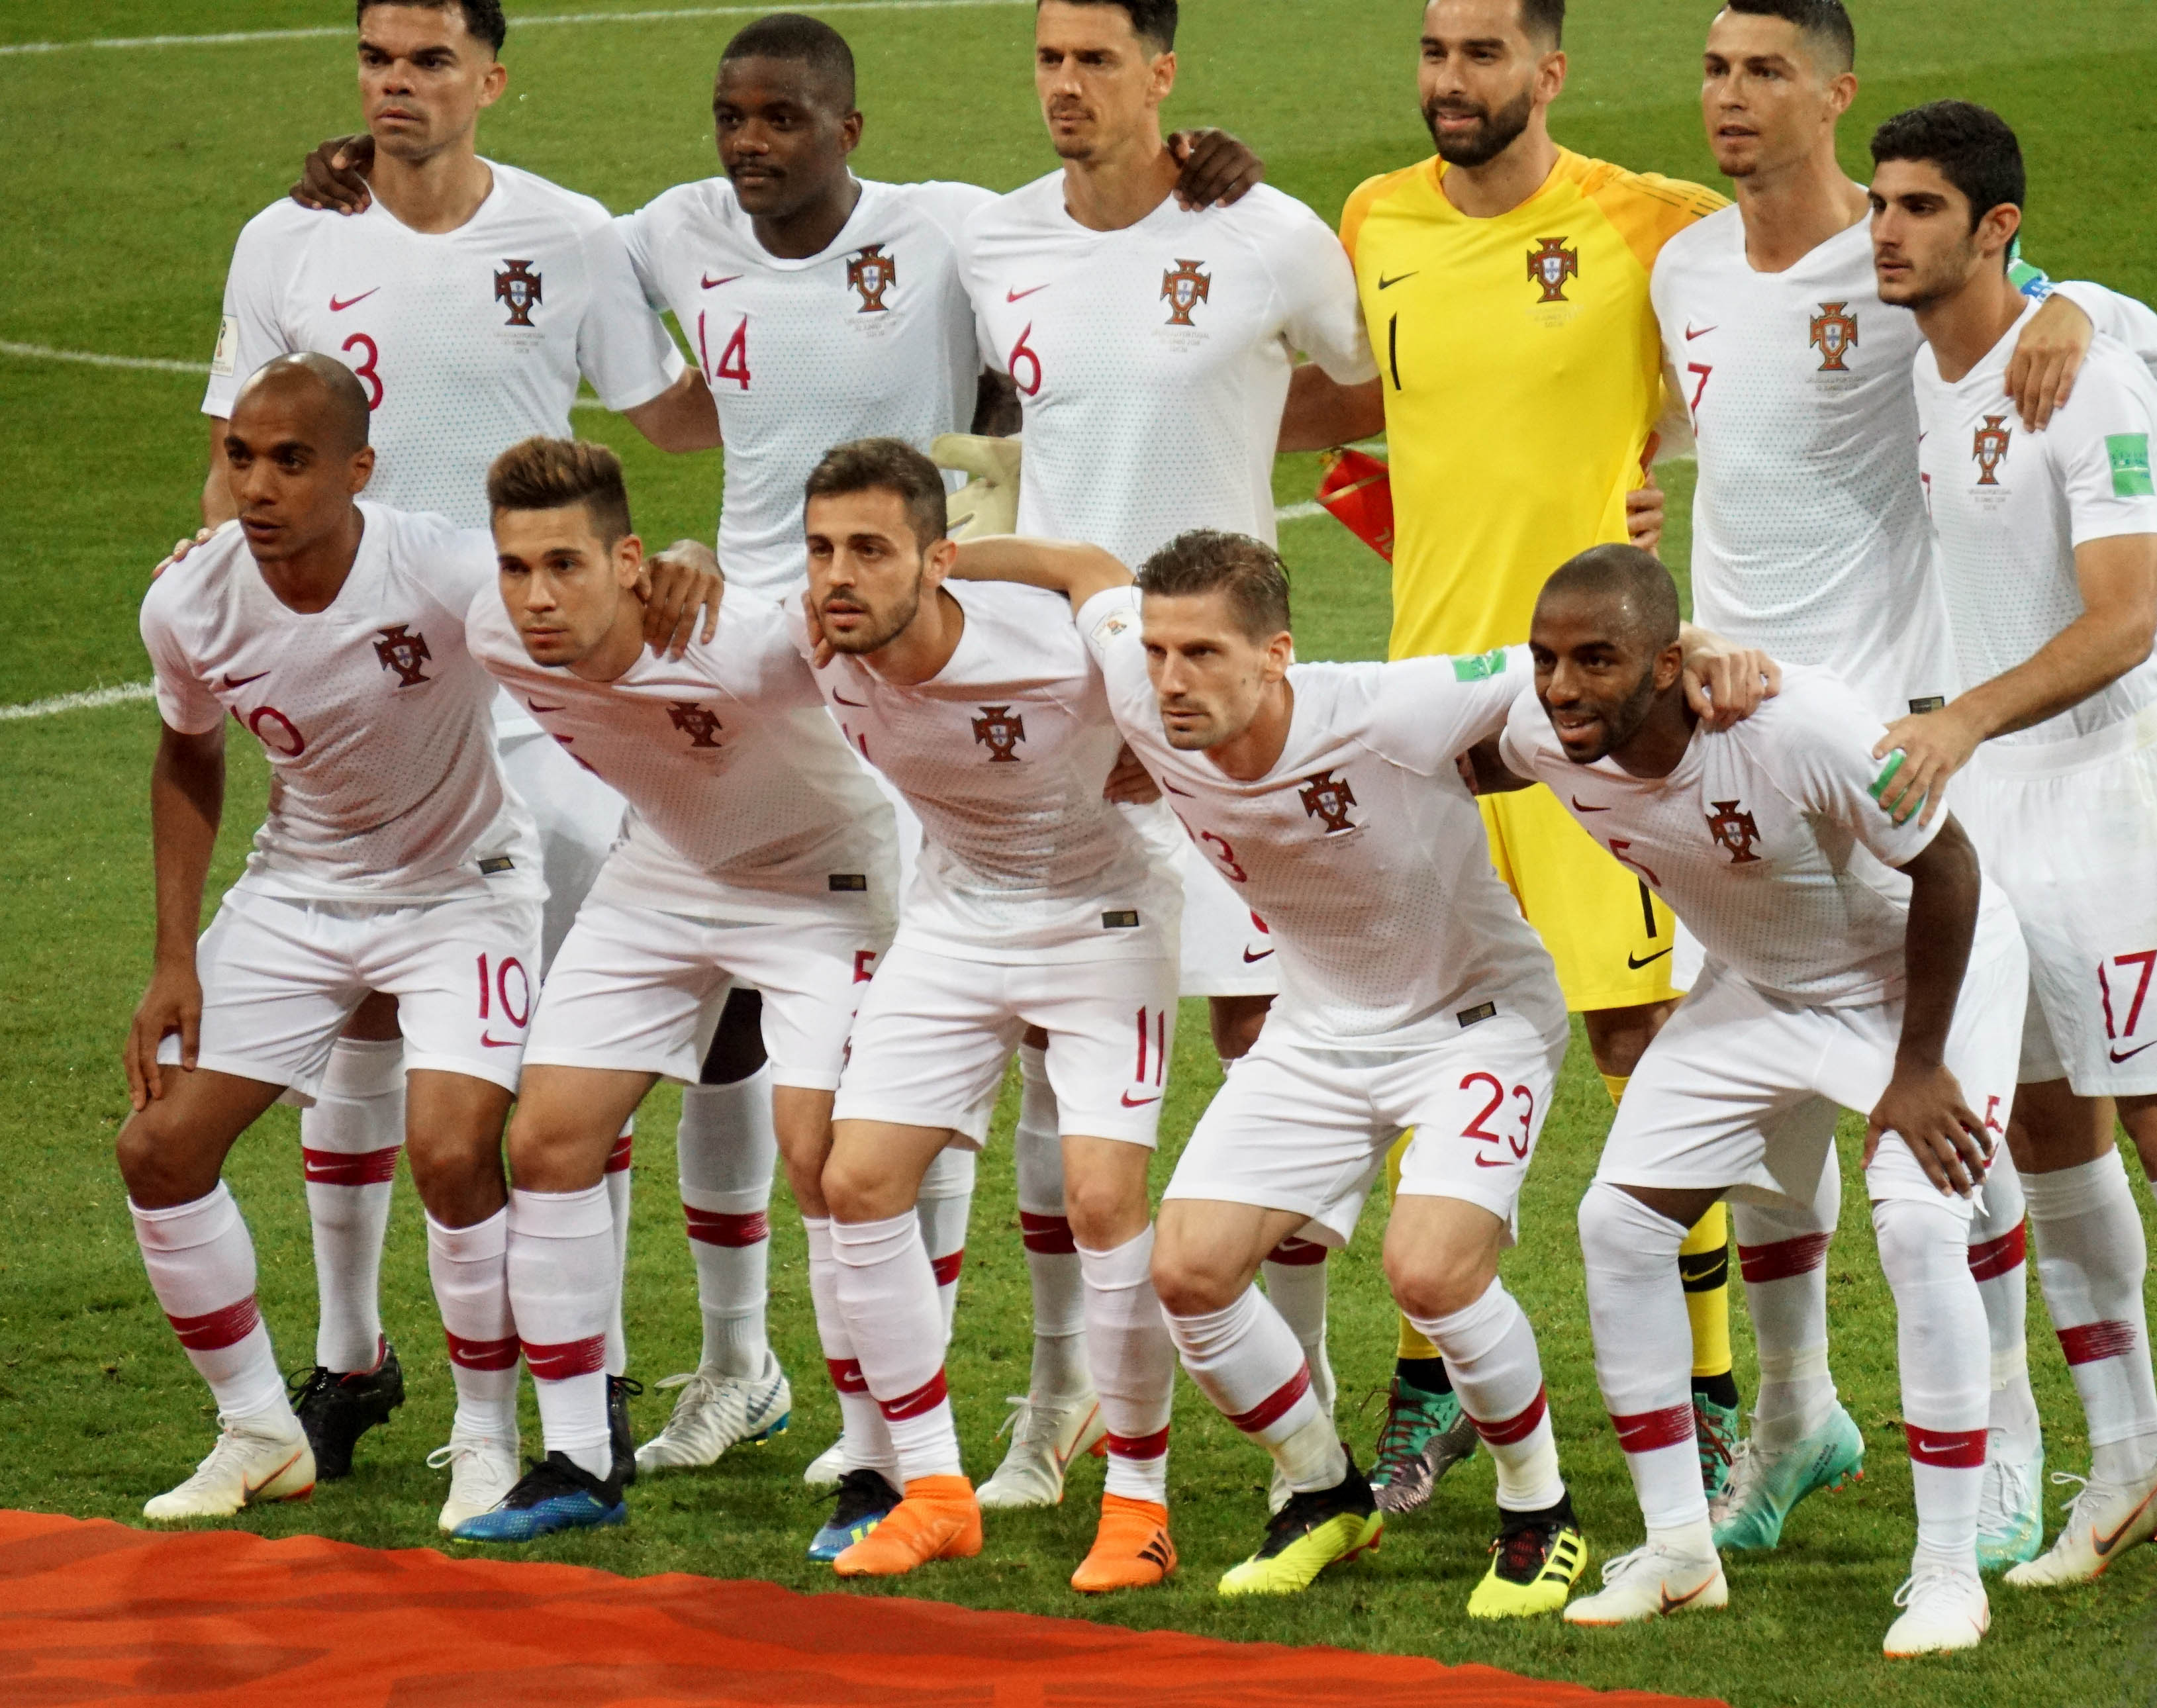 сборная португалии фото игроков часть вместе дымом